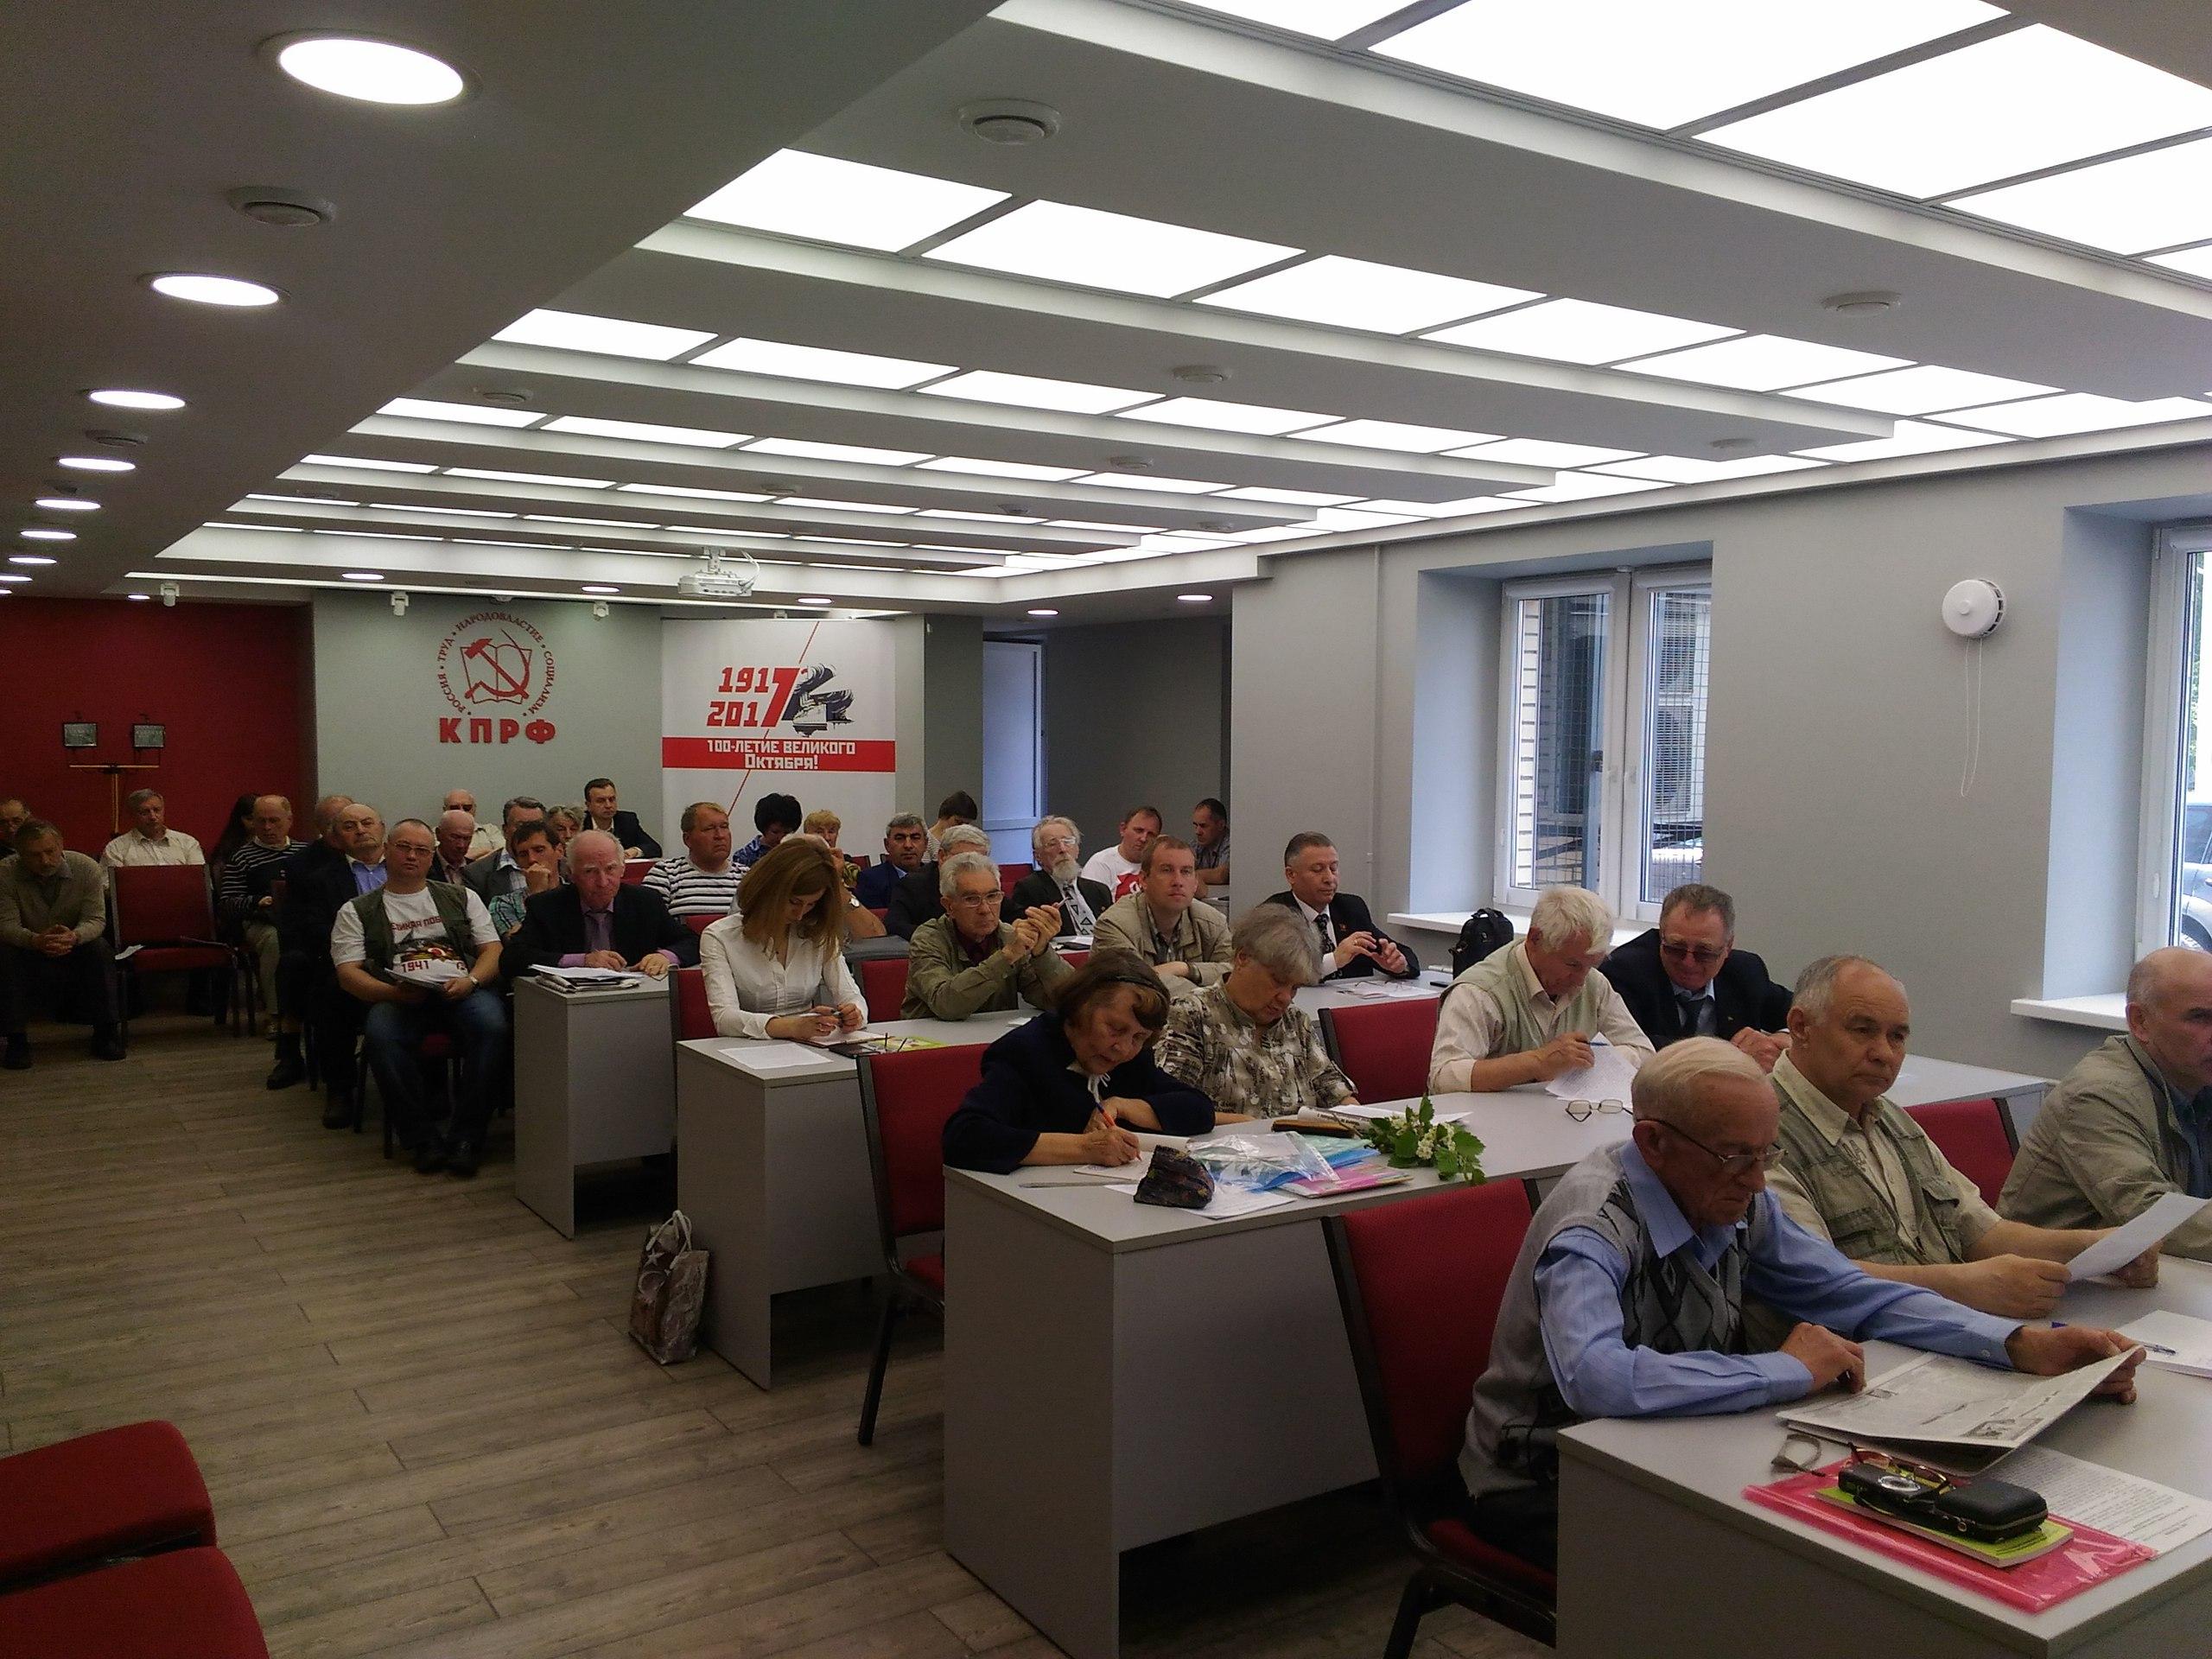 Открылся пленум Ярославского областного комитета КПРФ, посвящённый итогам XVII съезда партии.